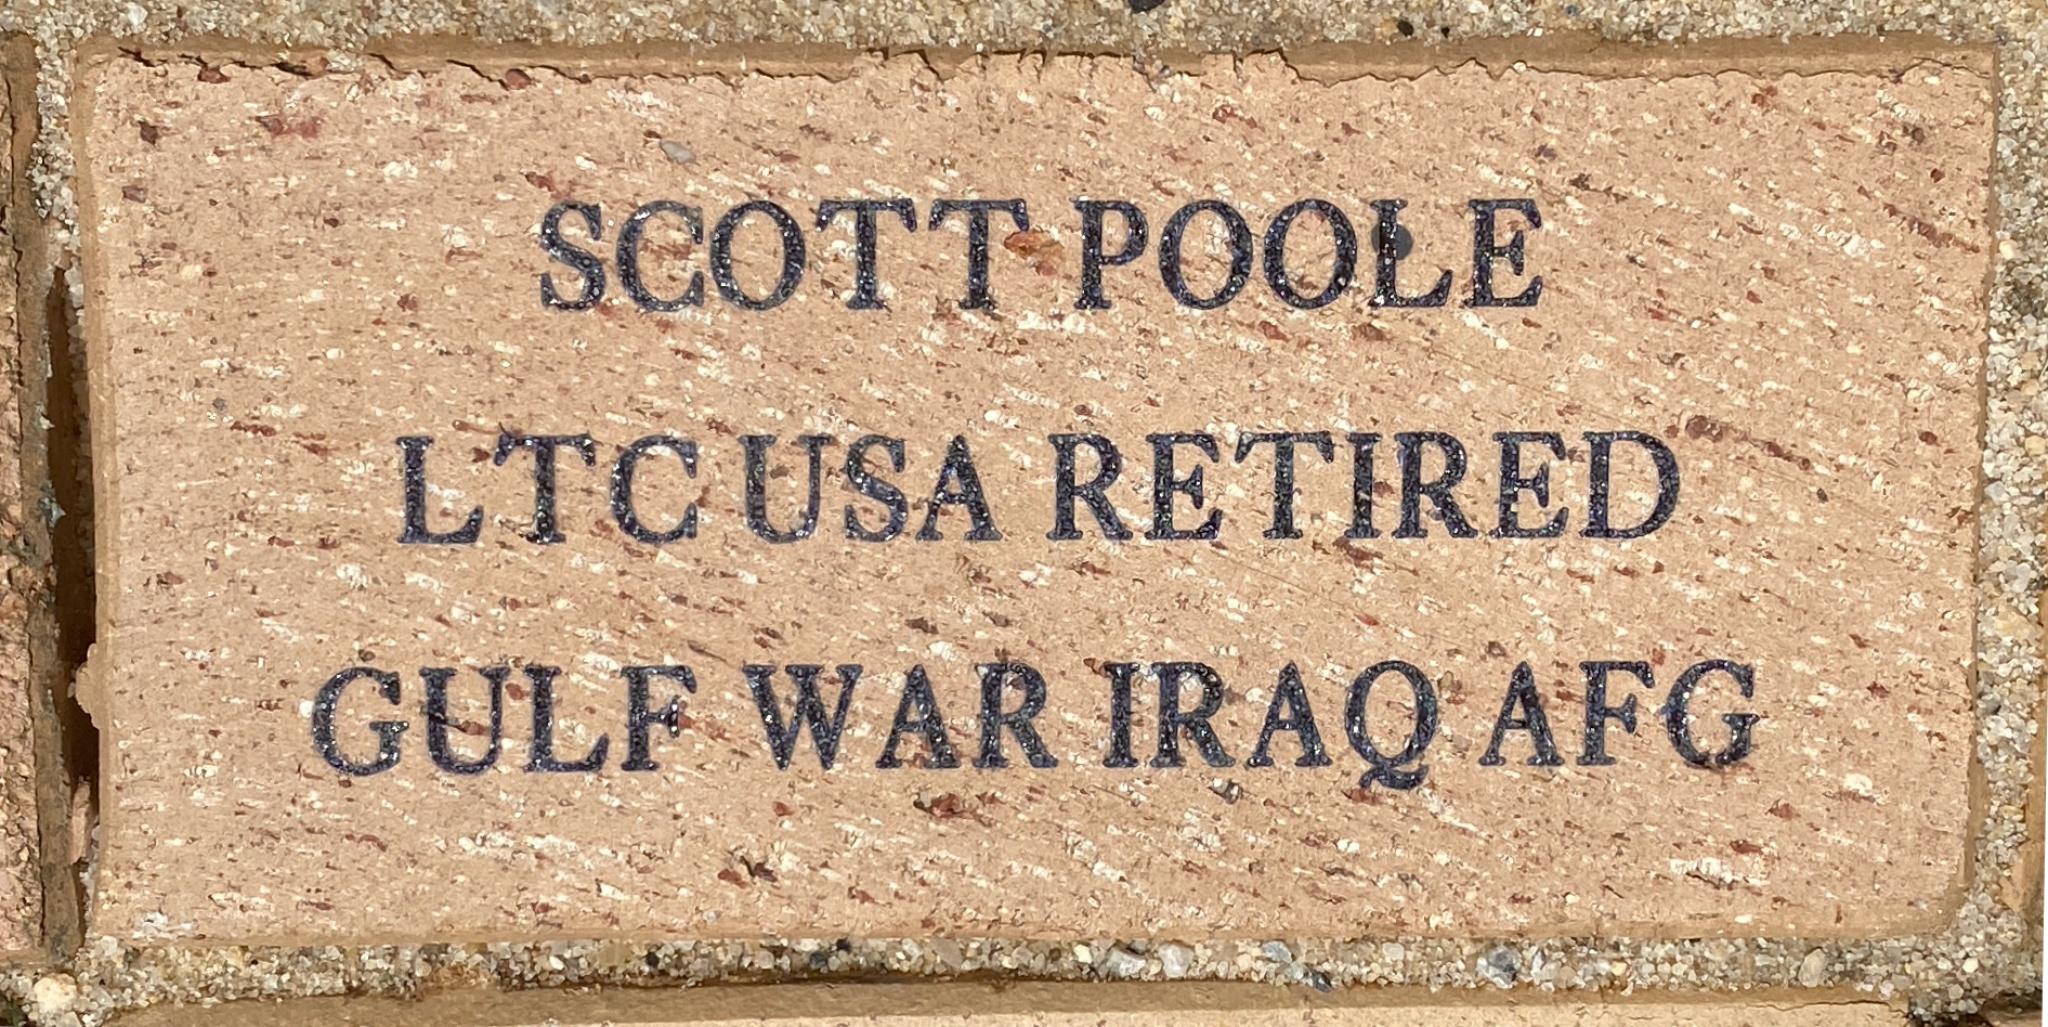 SCOTT POOLE LTC USA RETIRED GULF WAR IRAQ AFG